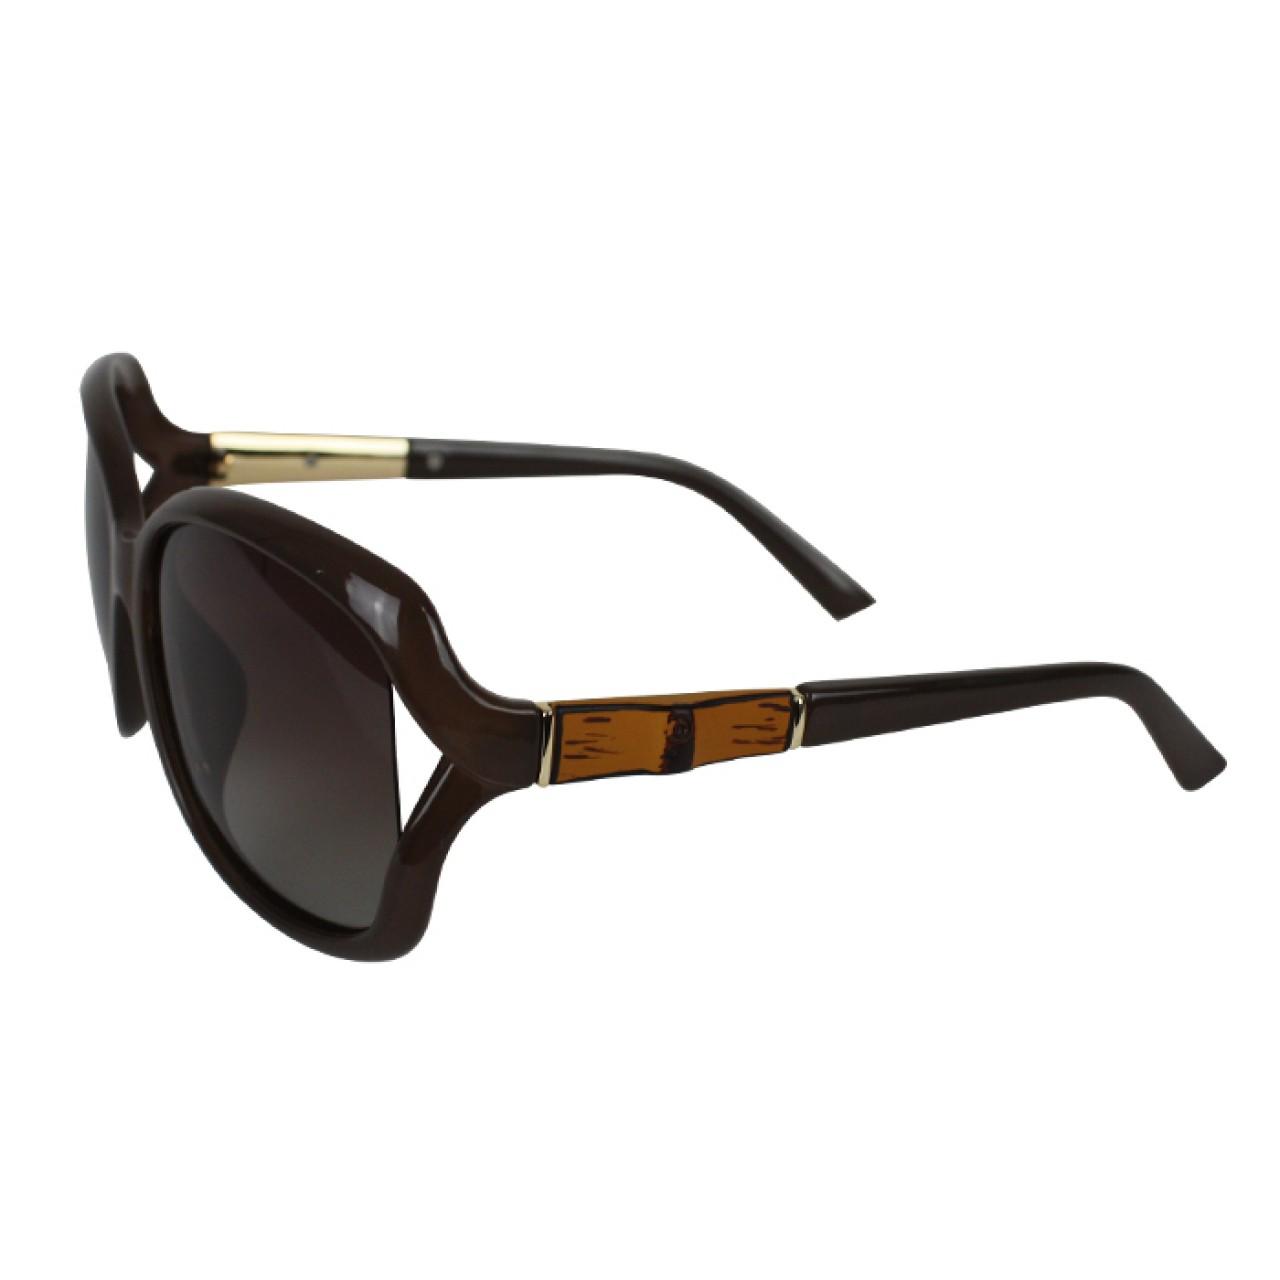 Unisex UV Protected Round Elegant Designer Sunglasses